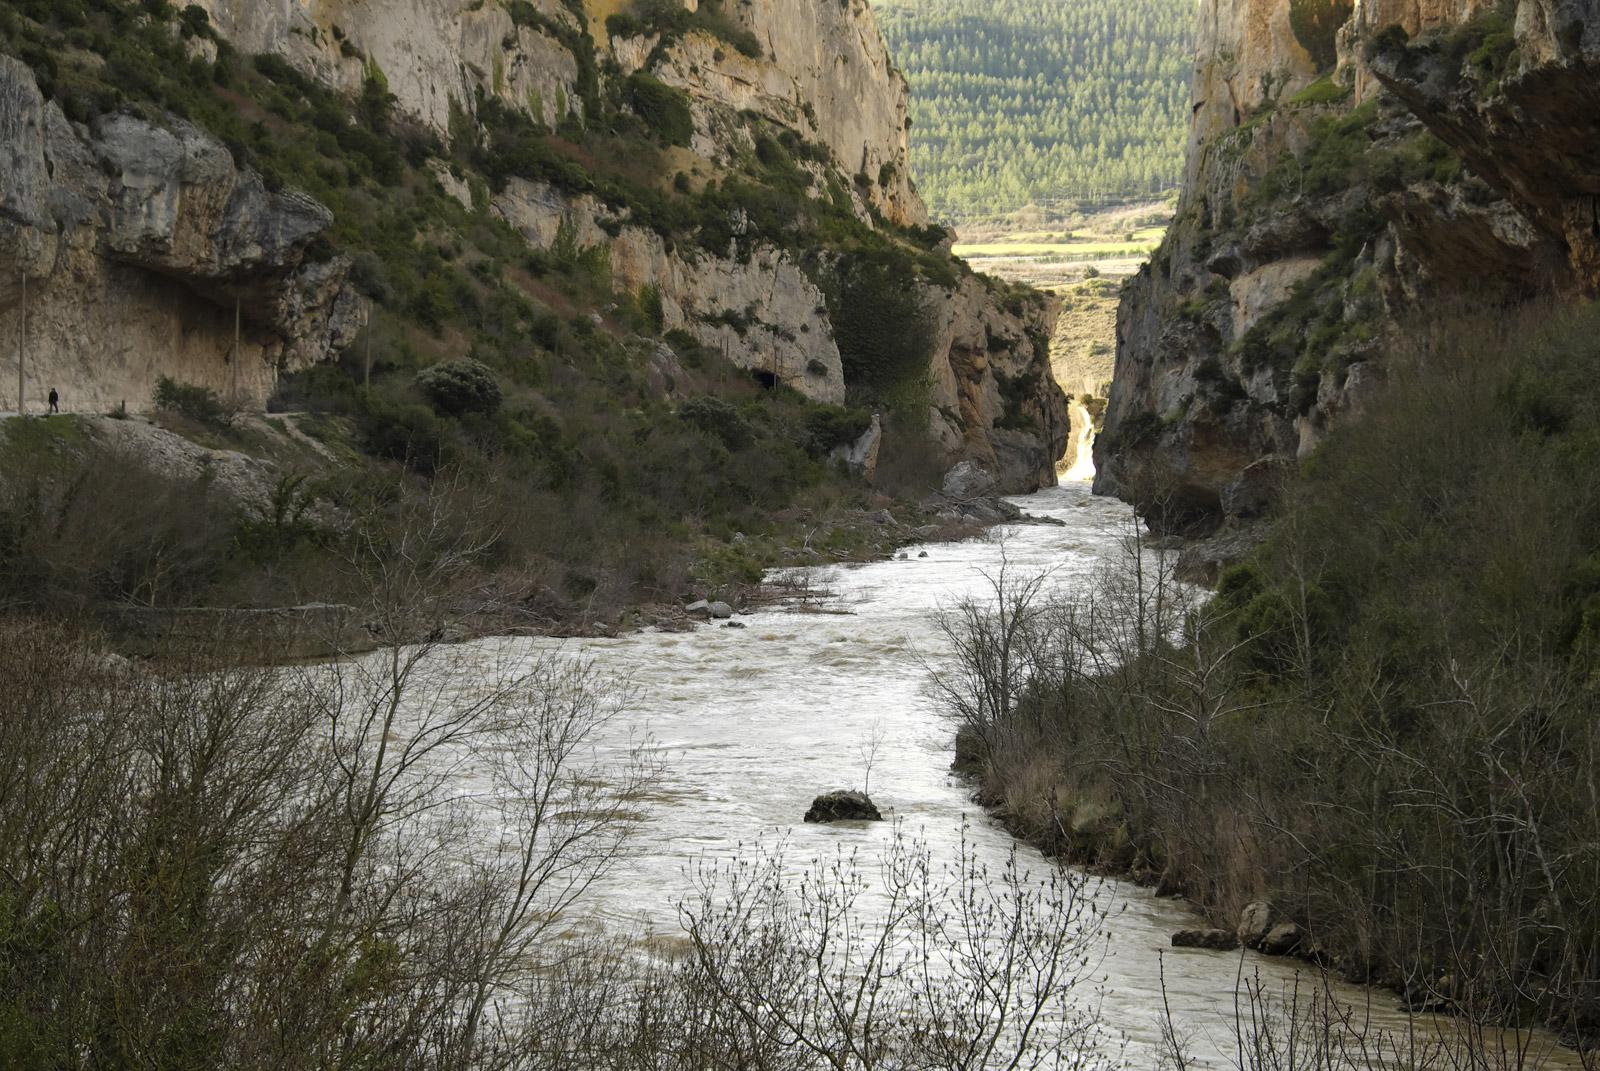 Stage 5B. Sangüesa – Monreal via Foz de Lumbier